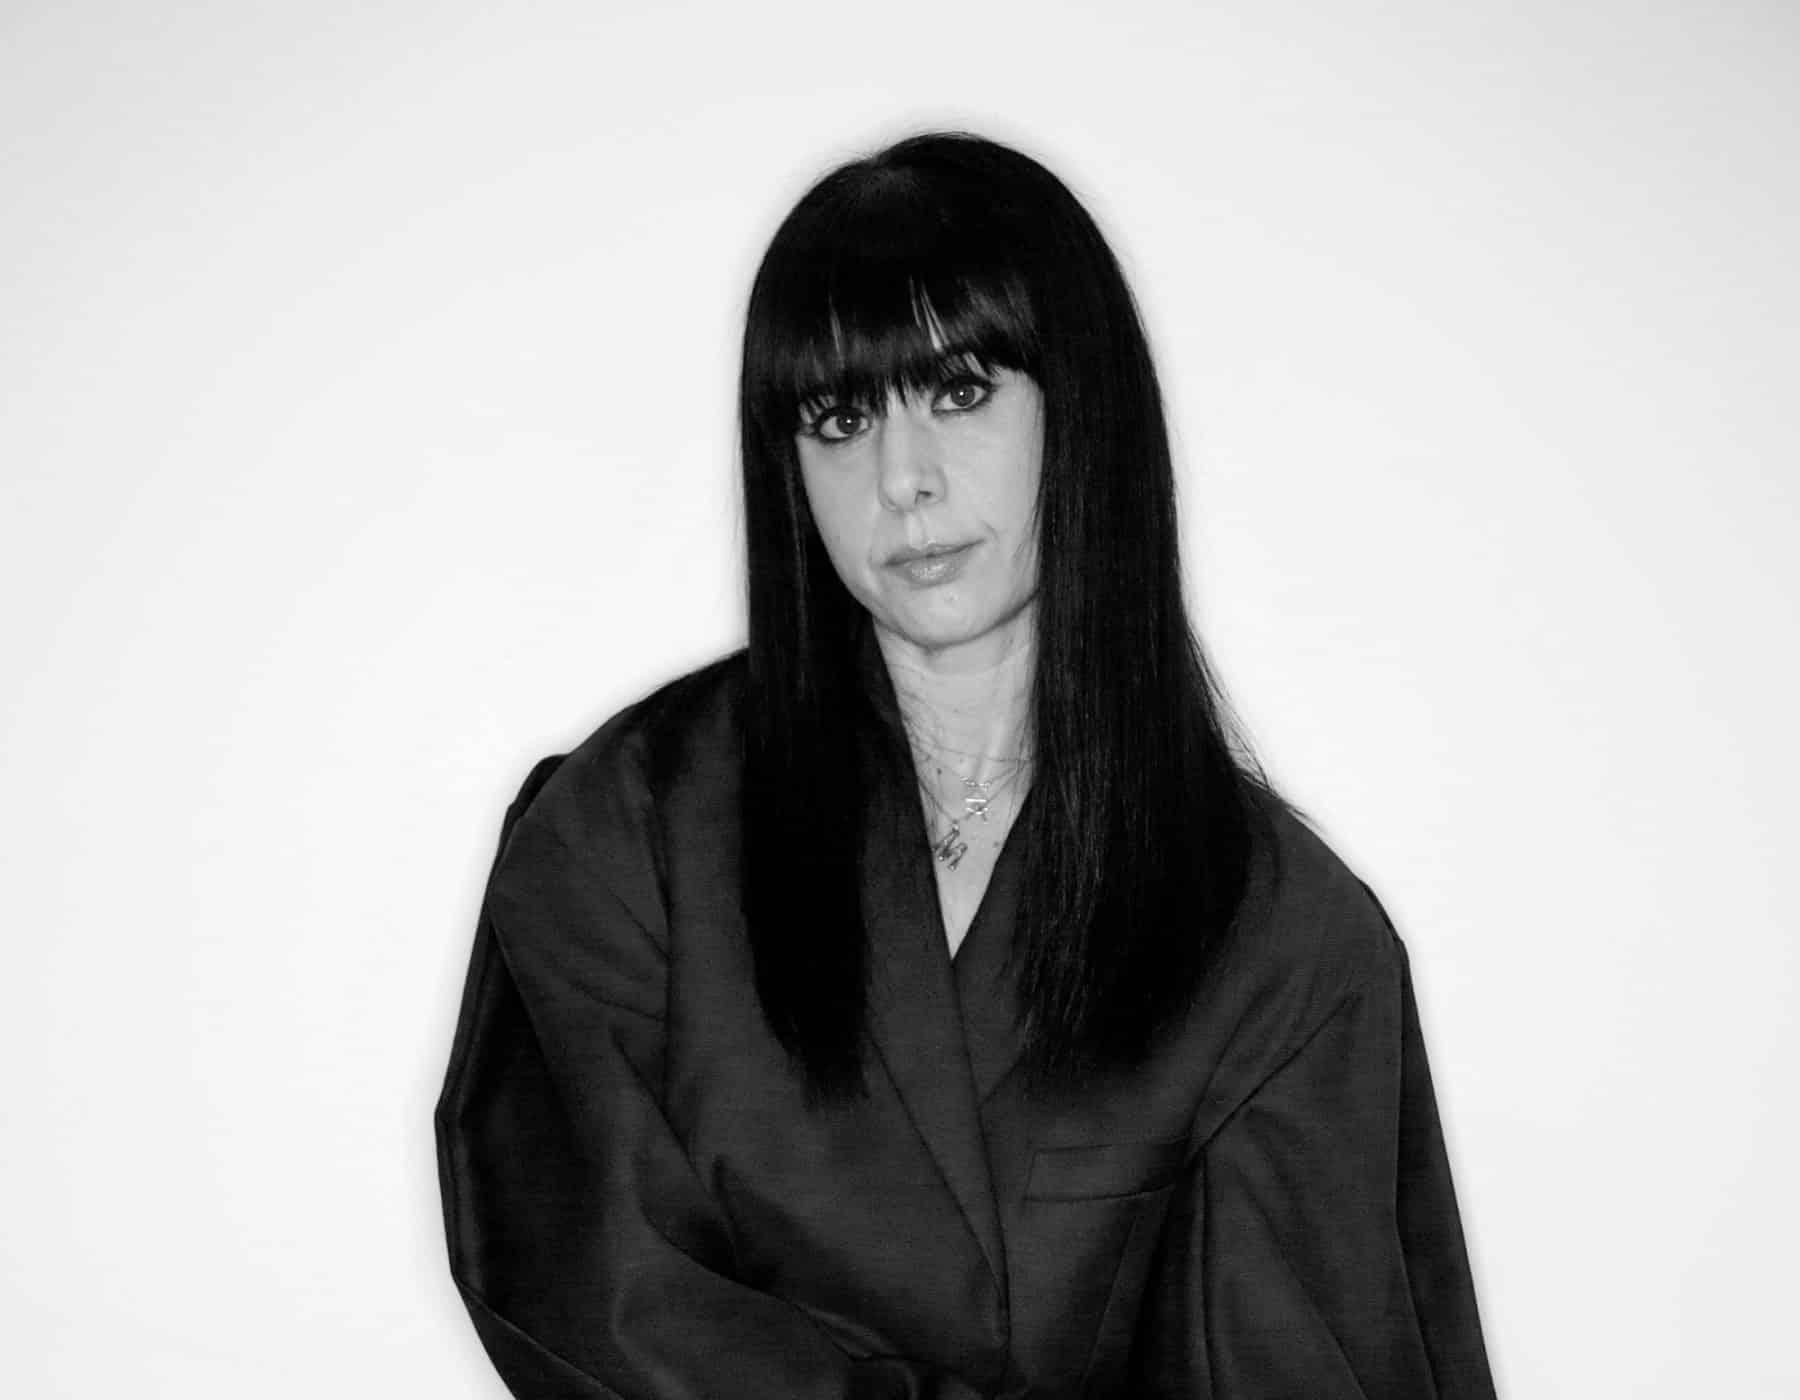 Marta Hurtado de Mendoza